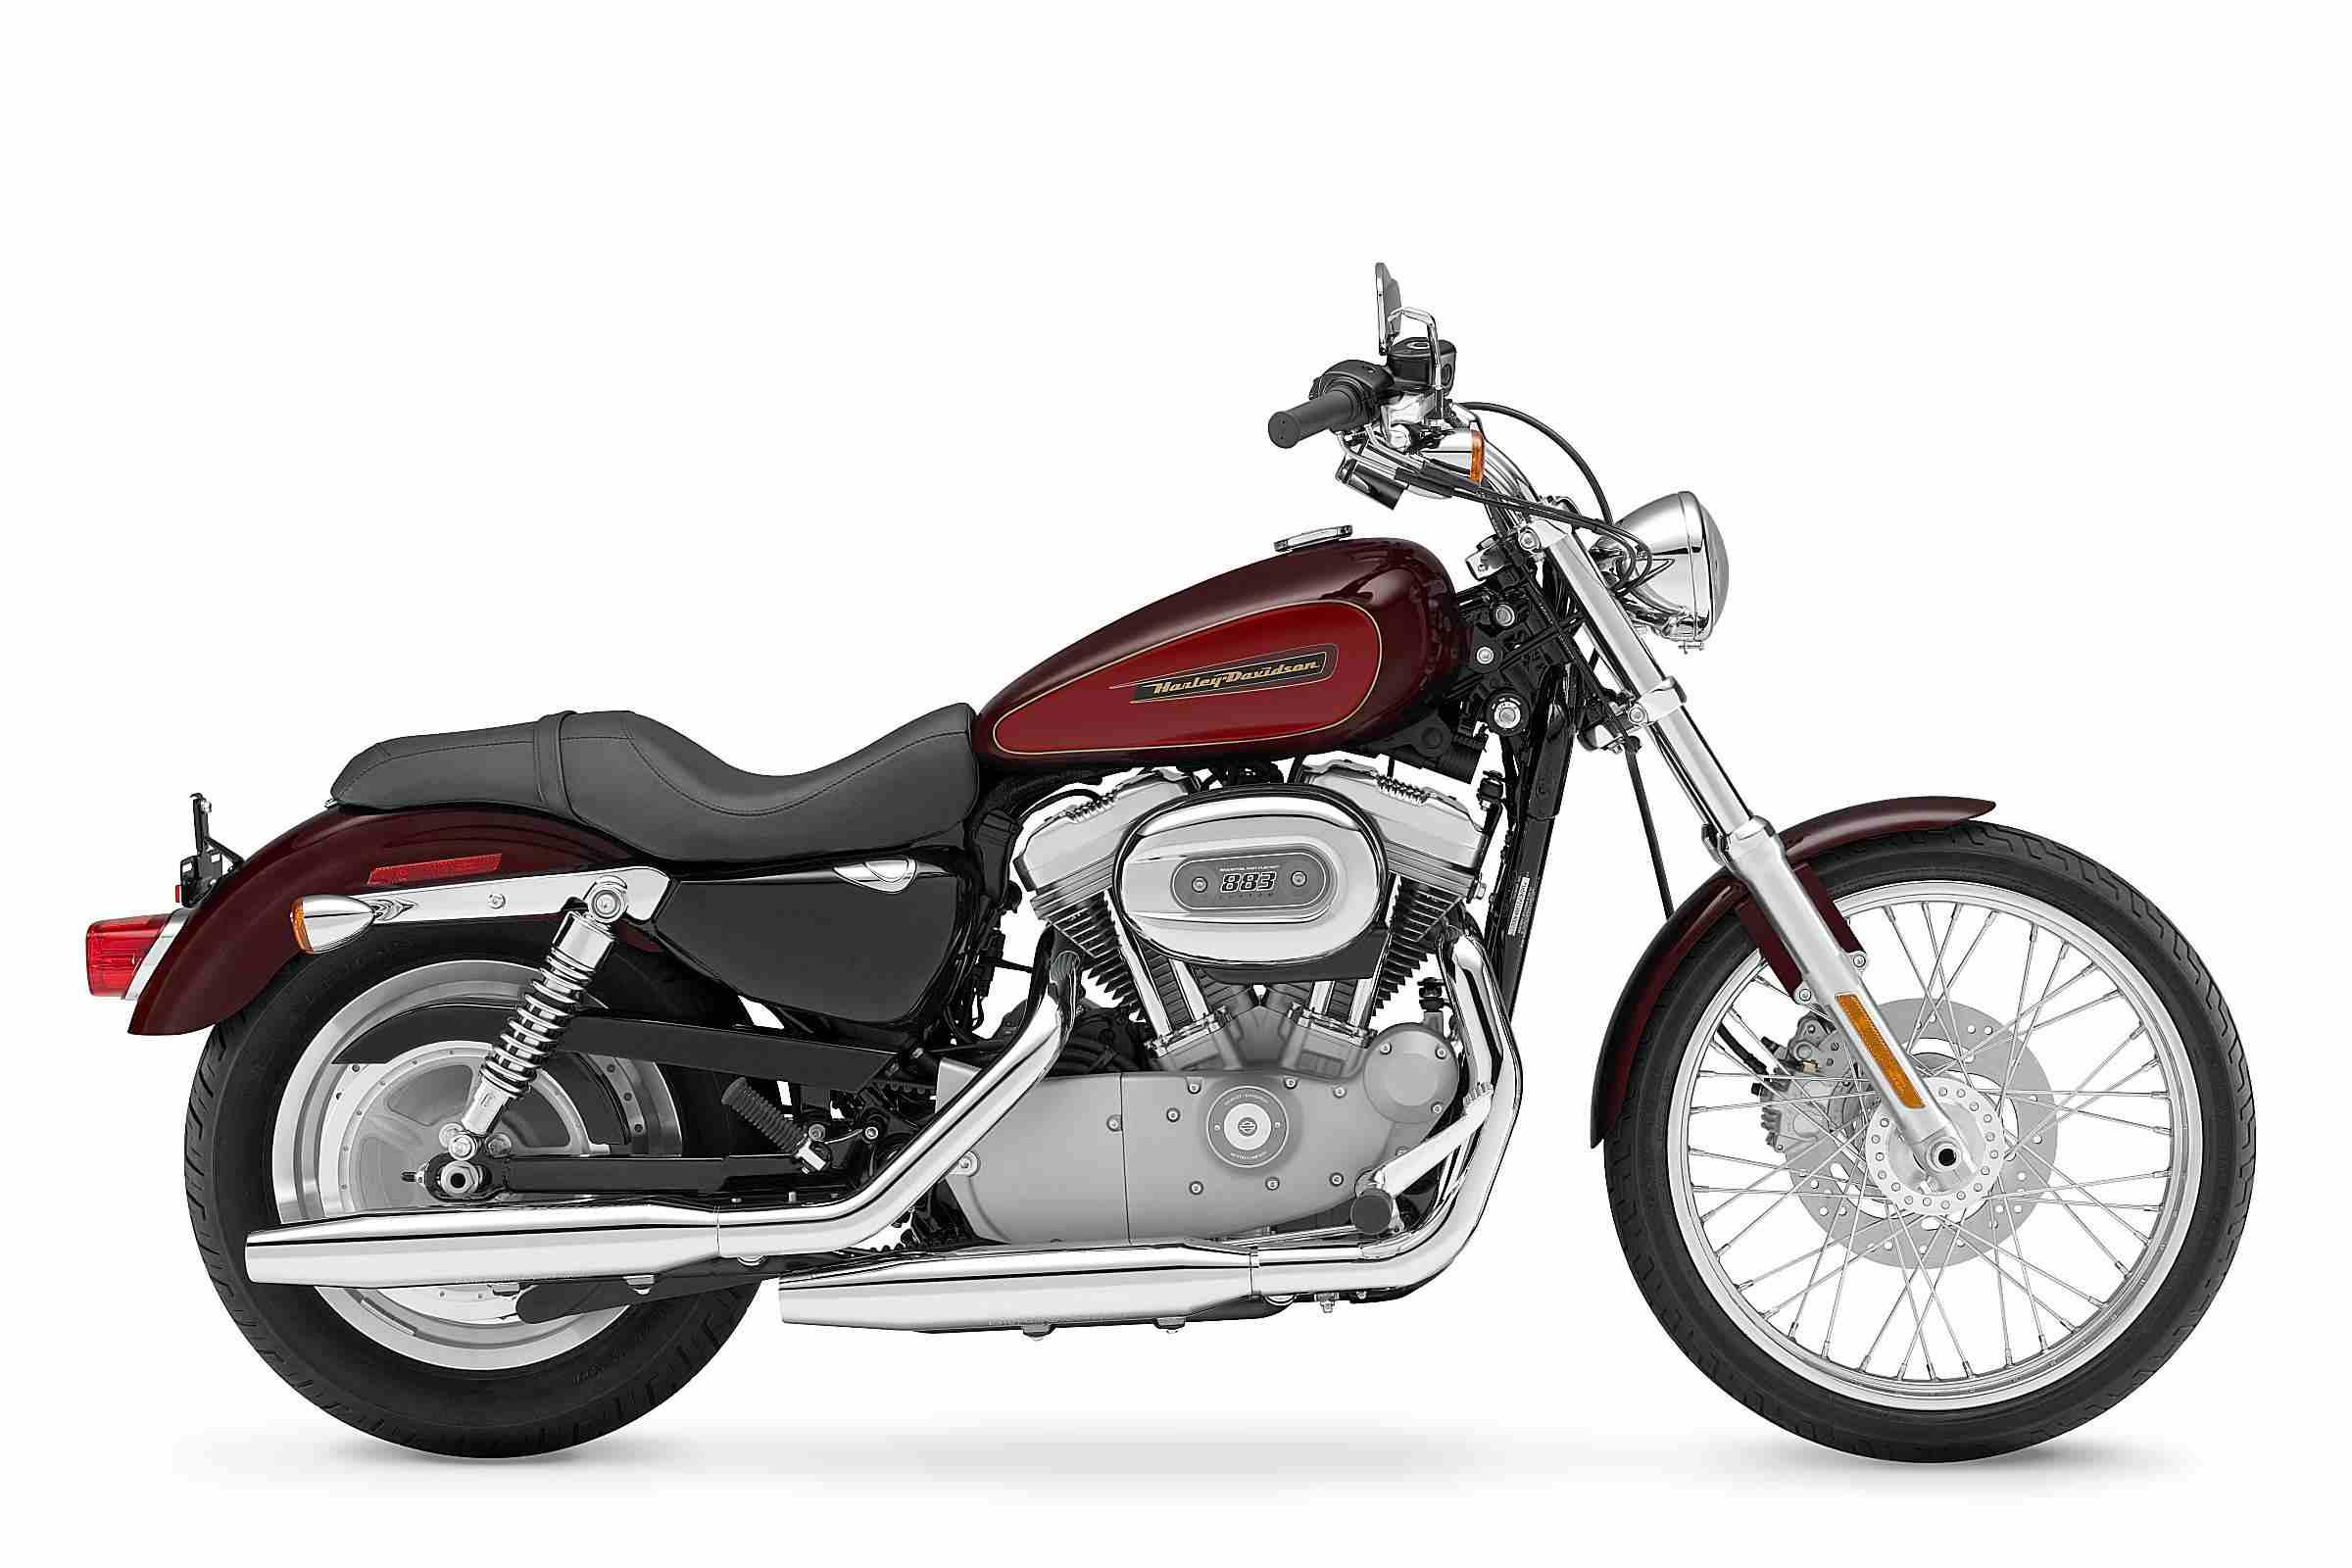 XL883C Sportster 883 Custom